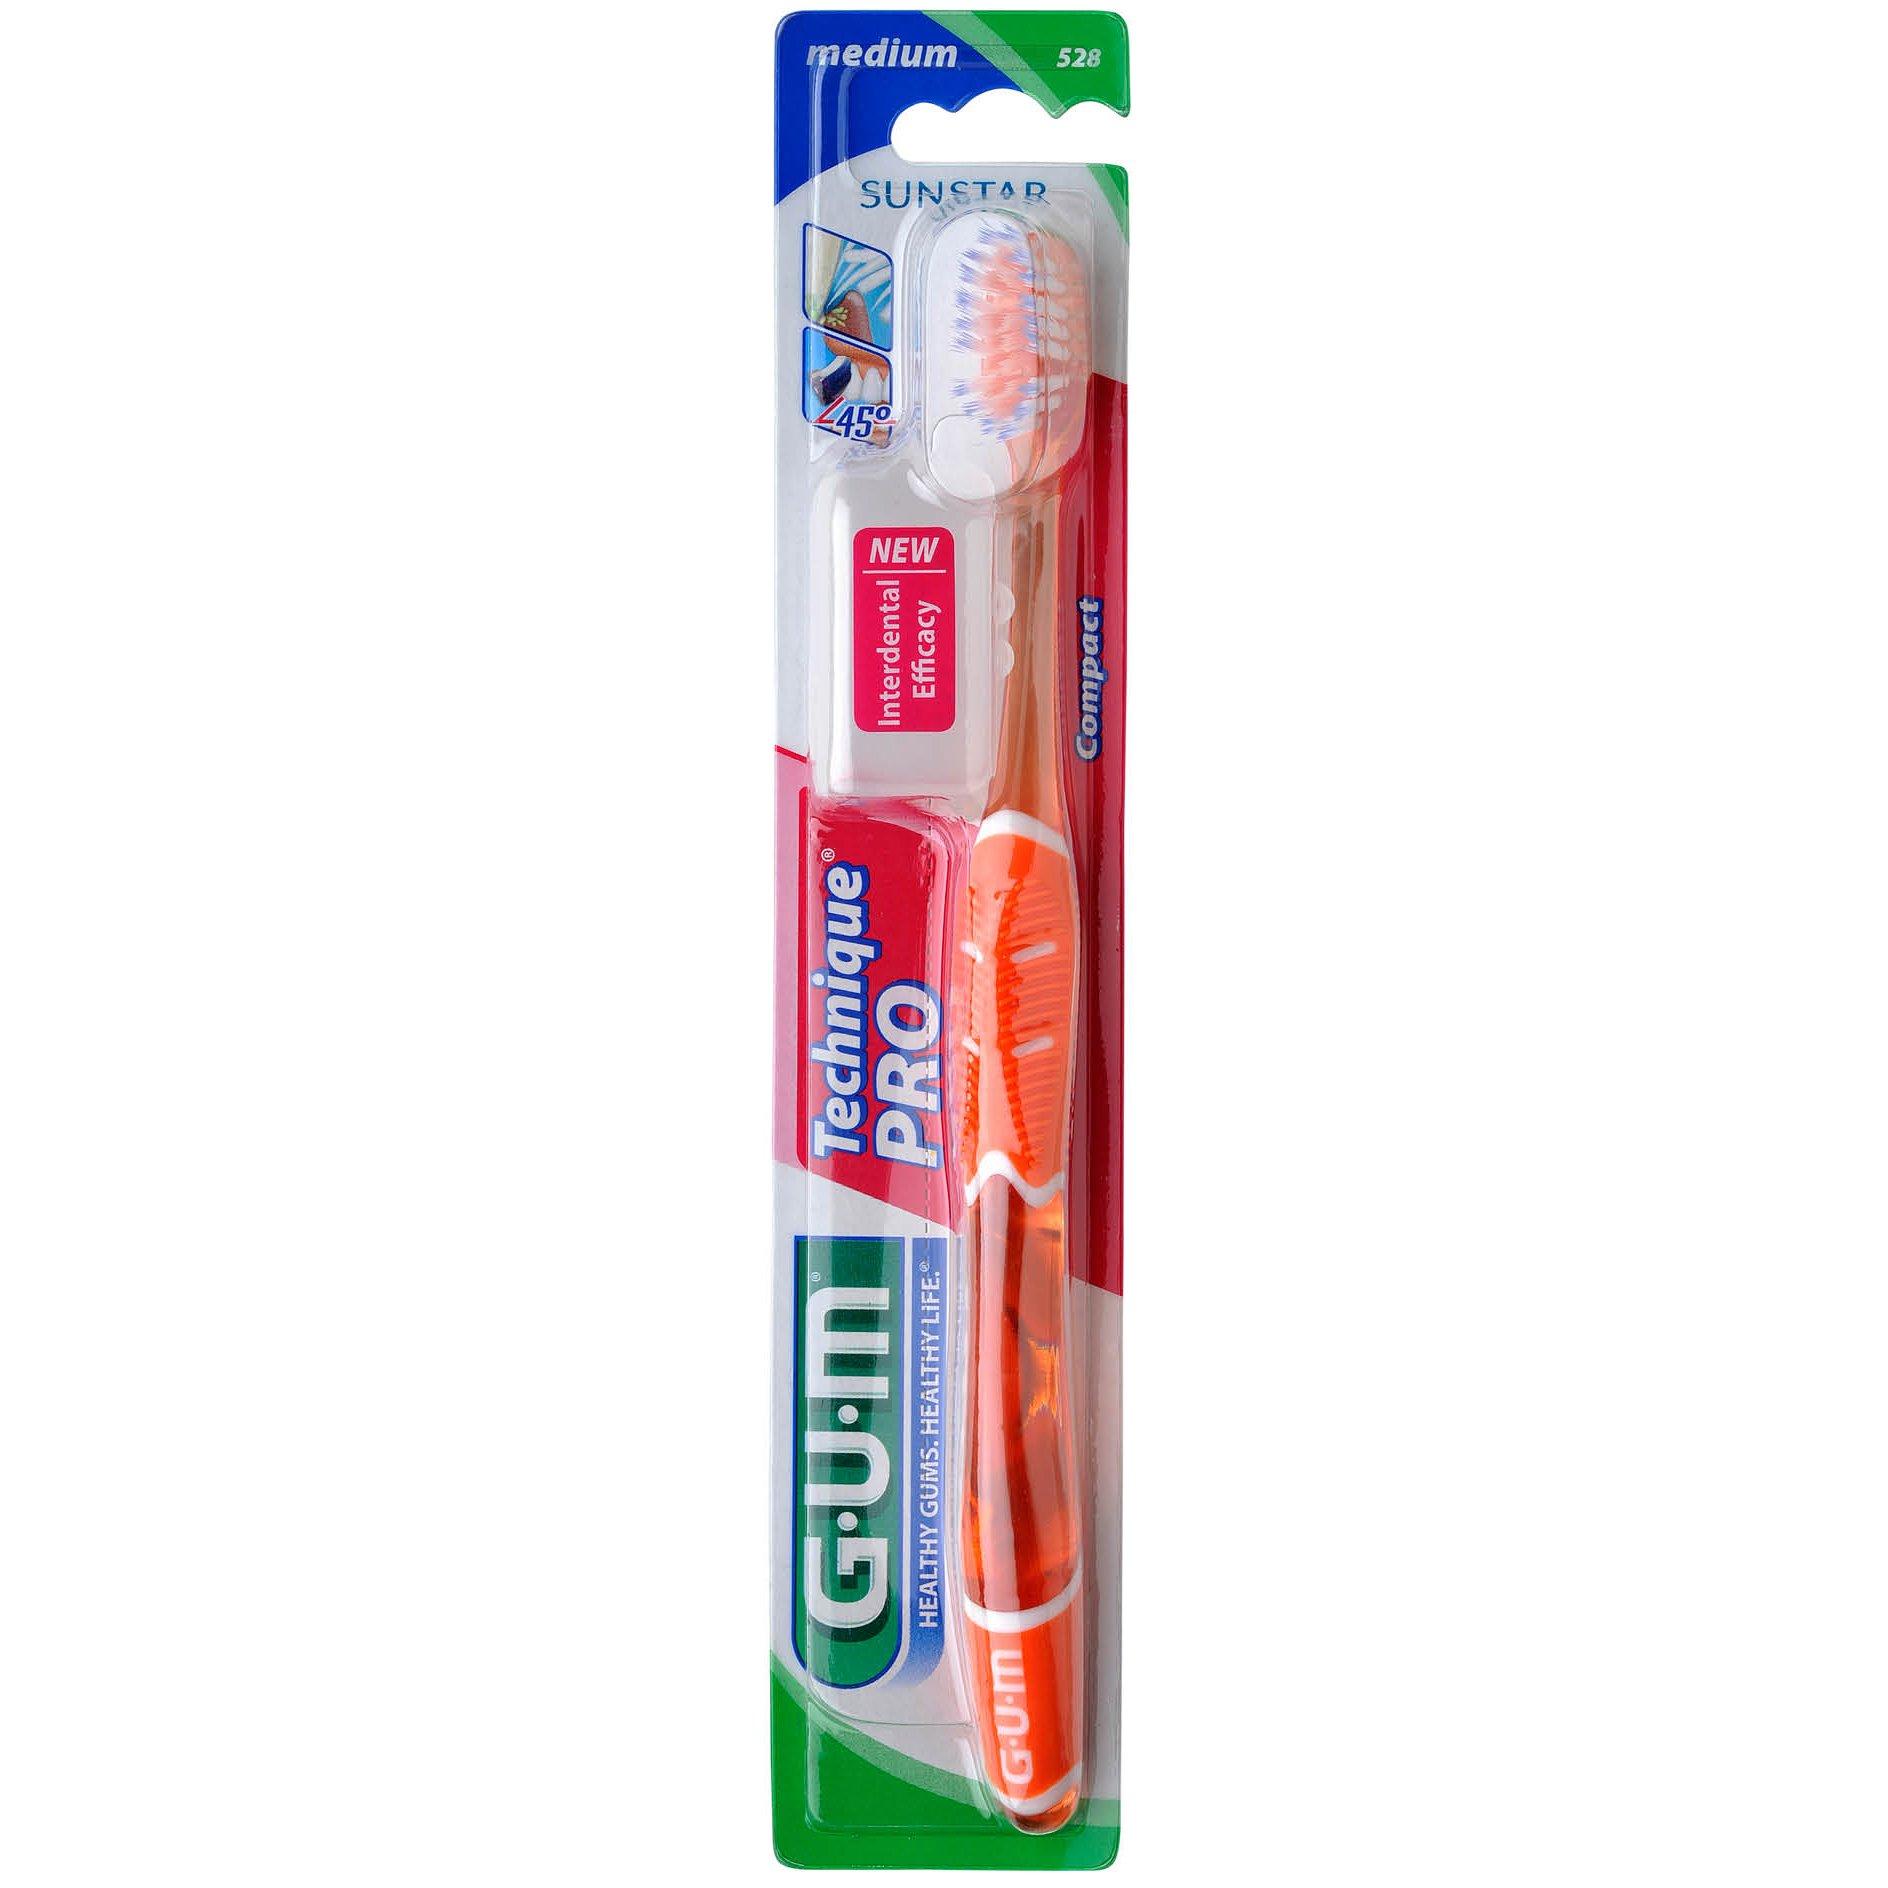 Gum Technique PRO Compact Soft Οδοντόβουρτσα με Θήκη Προστασίας (525) – πορτοκαλί